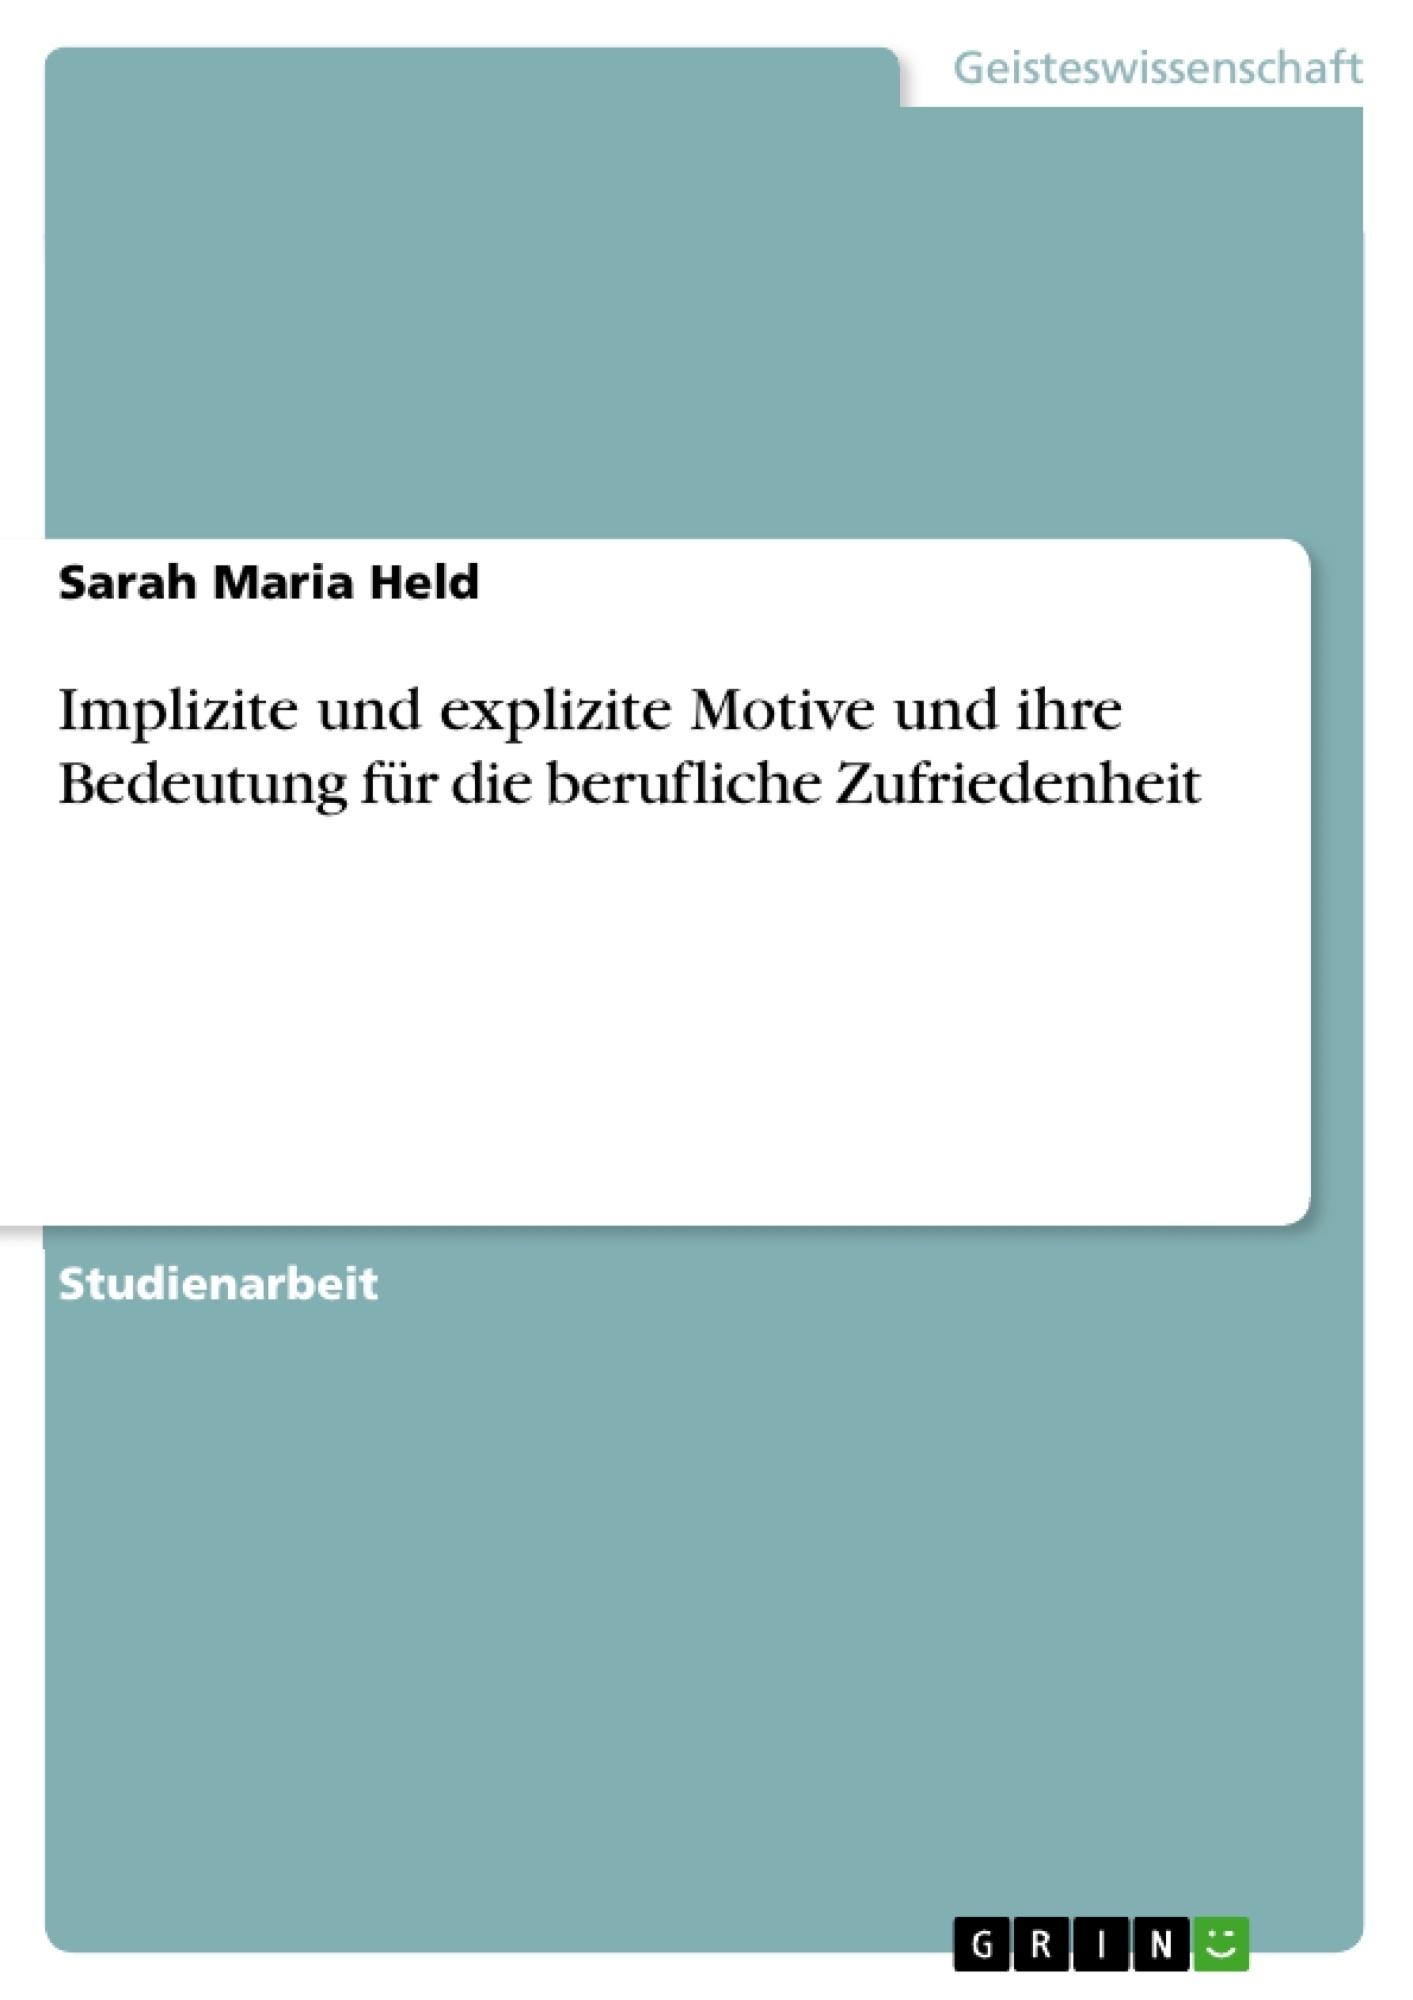 Titel: Implizite und explizite Motive und ihre Bedeutung für die berufliche Zufriedenheit